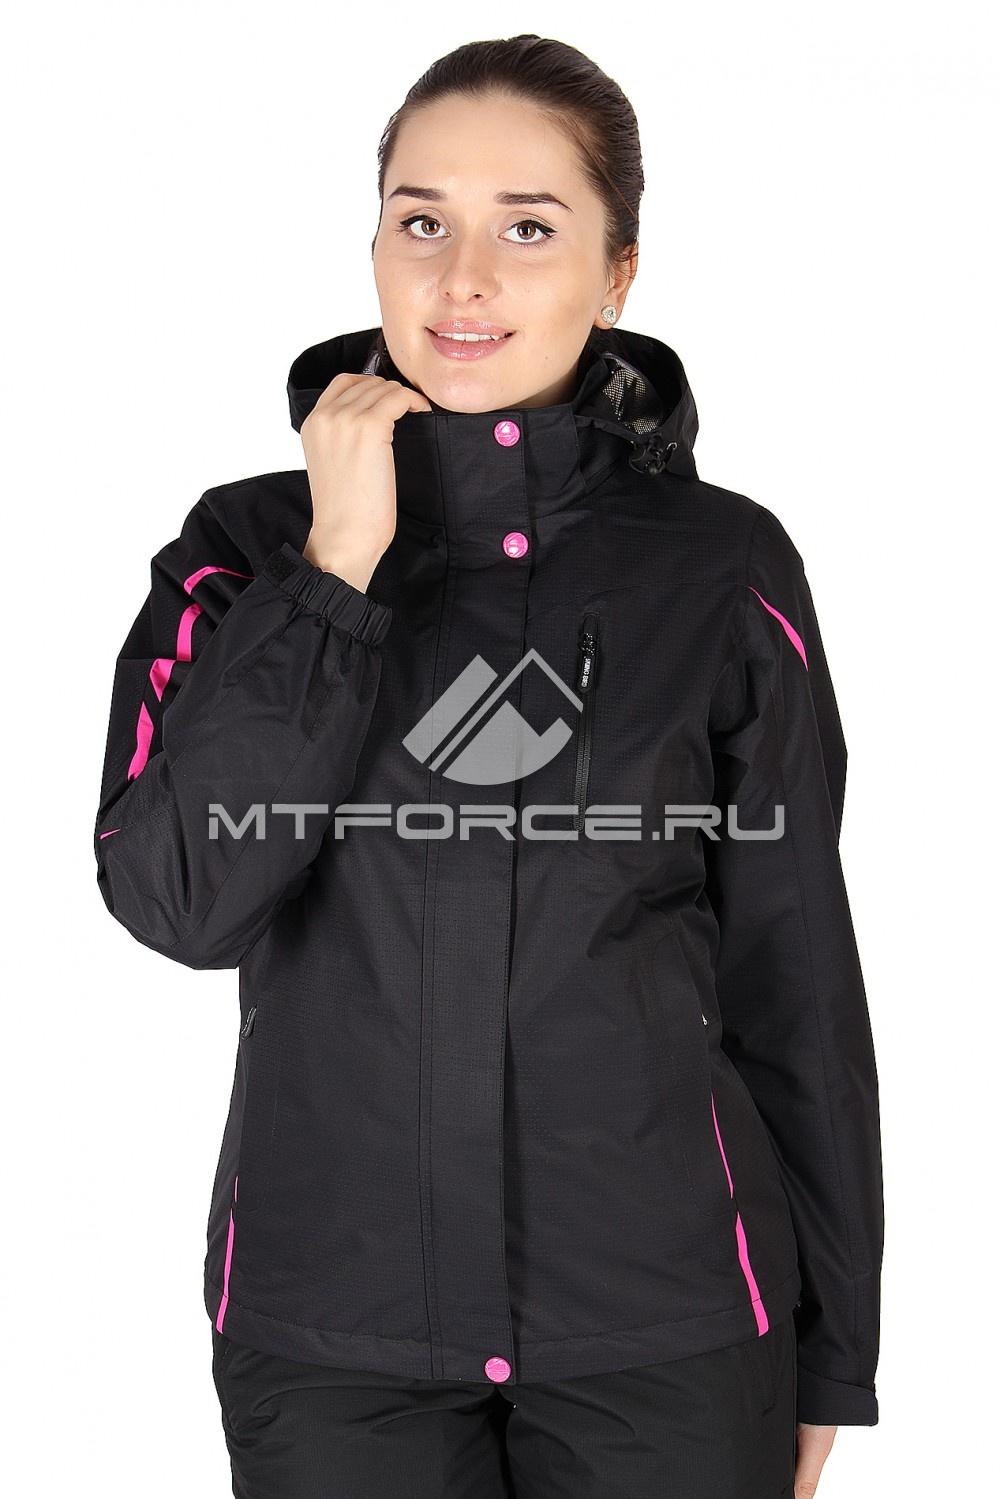 Купить                                  оптом Куртка спортивная женская весна черного цвета 1617Ch